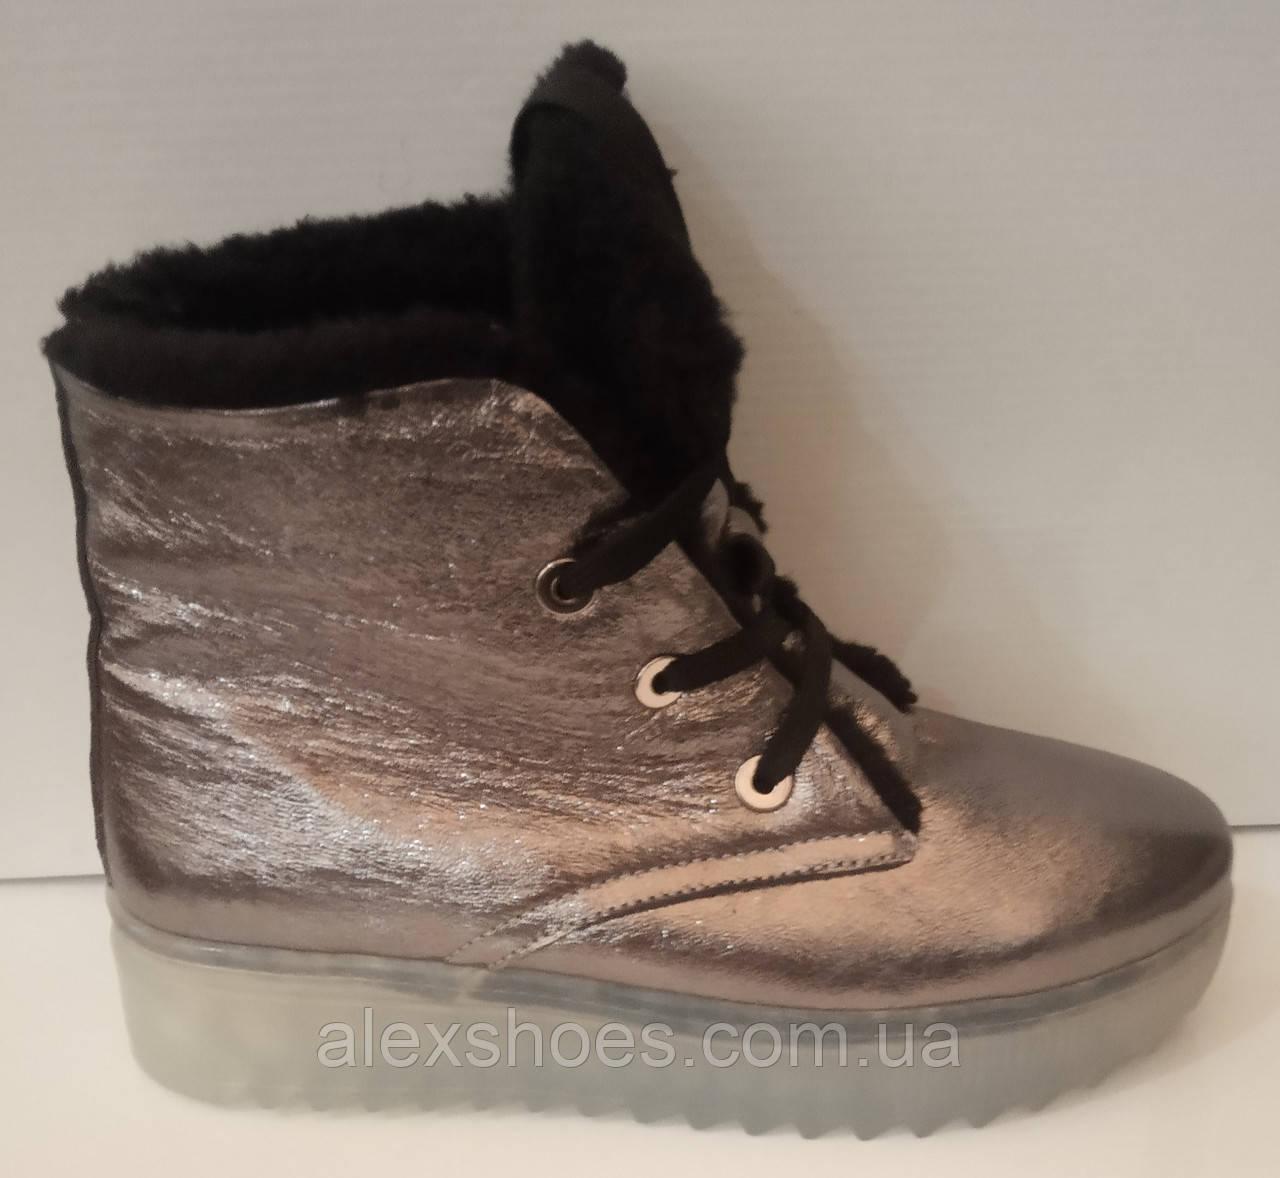 Ботинки женские зимние кожаные от производителя модель ЛИН870-3